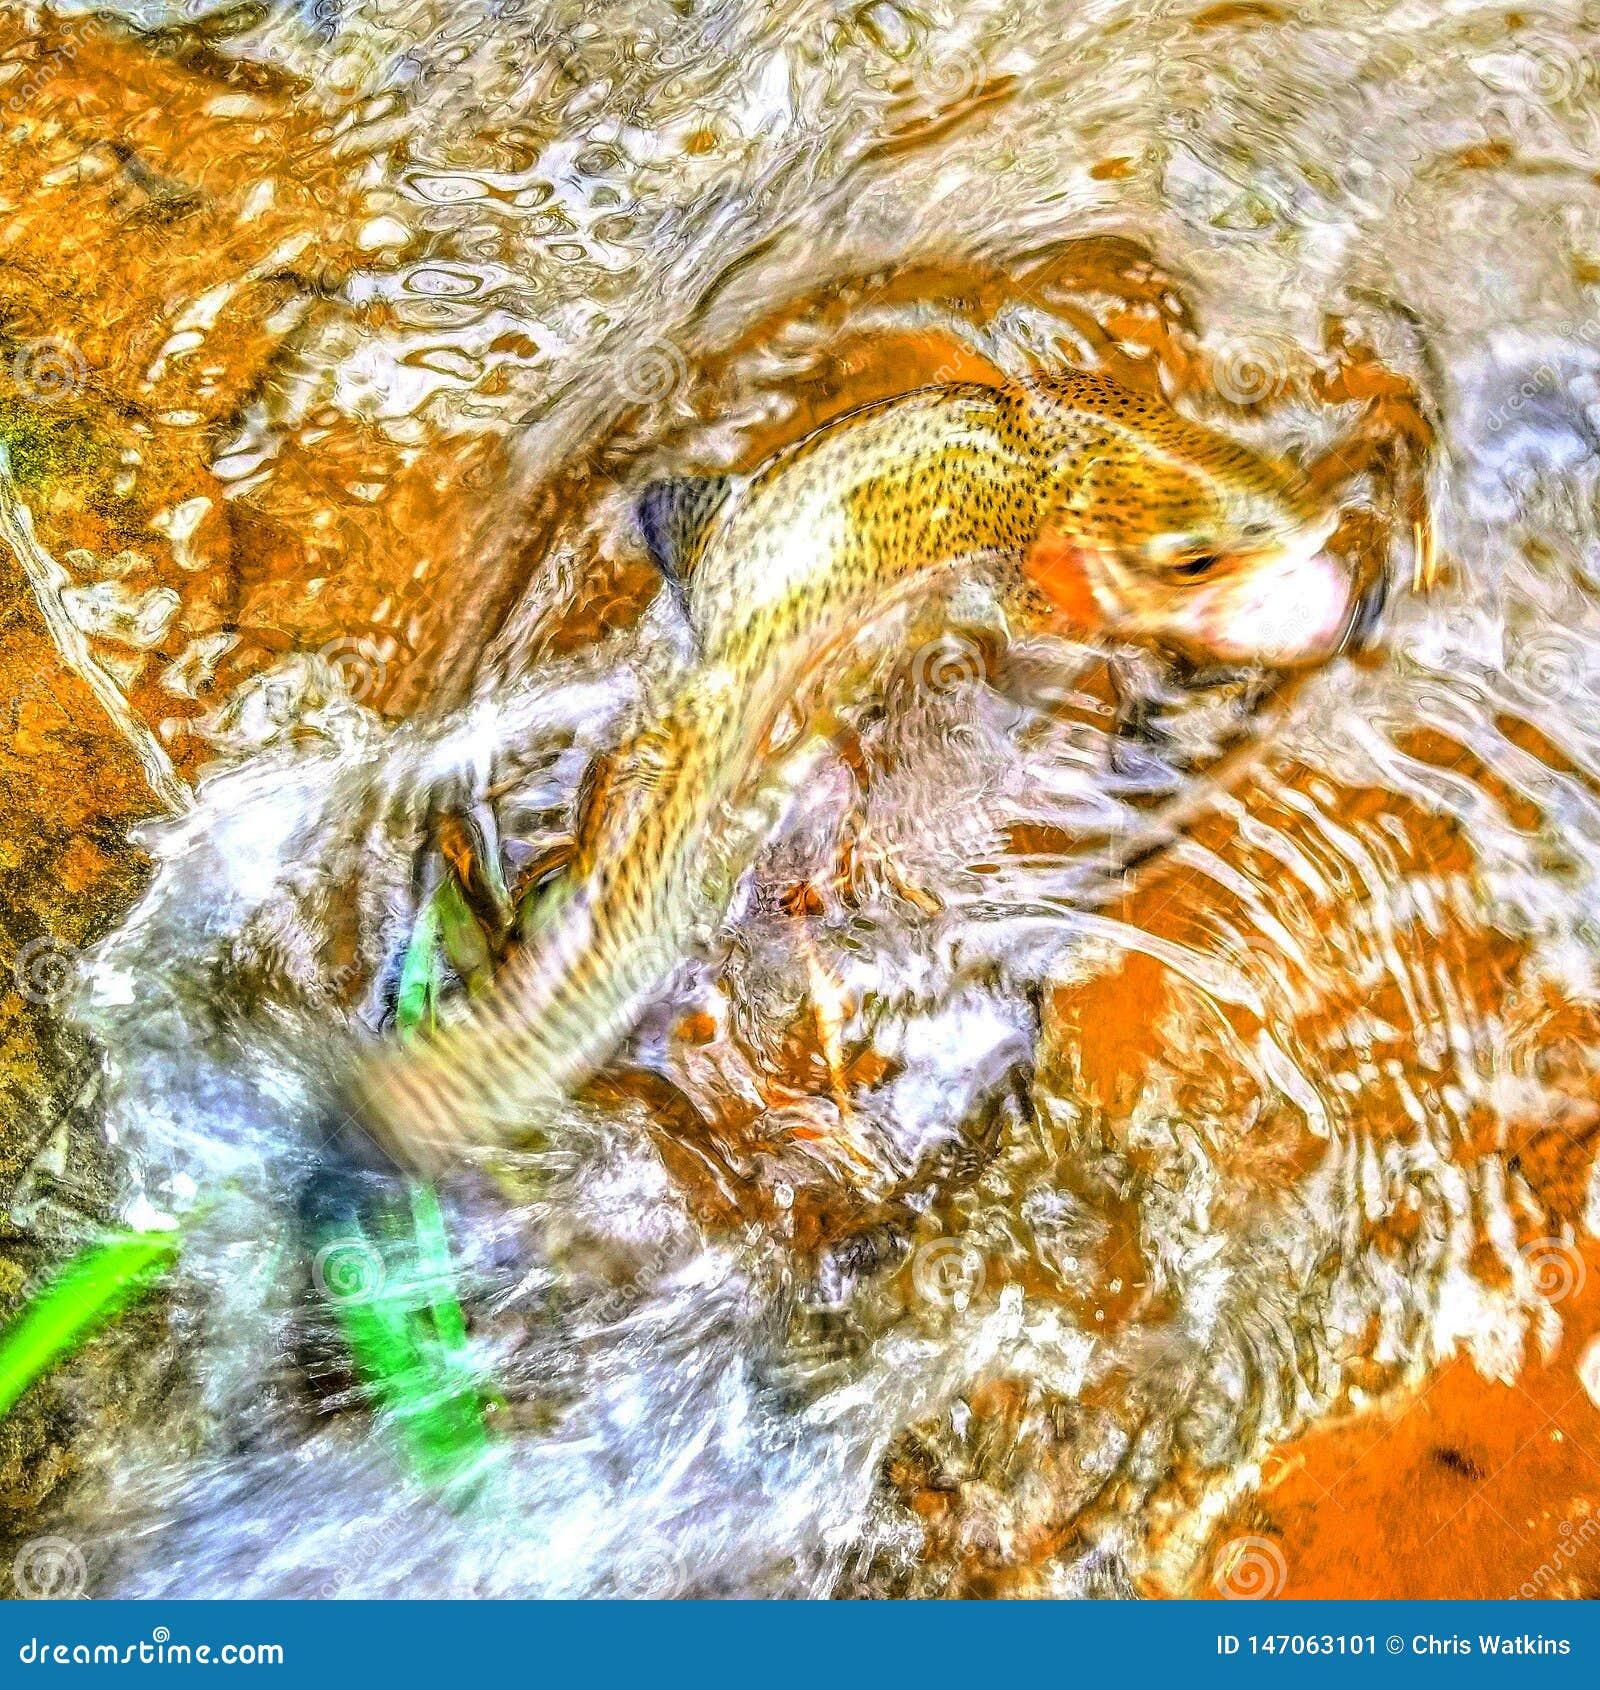 Trucha arco iris en una corriente